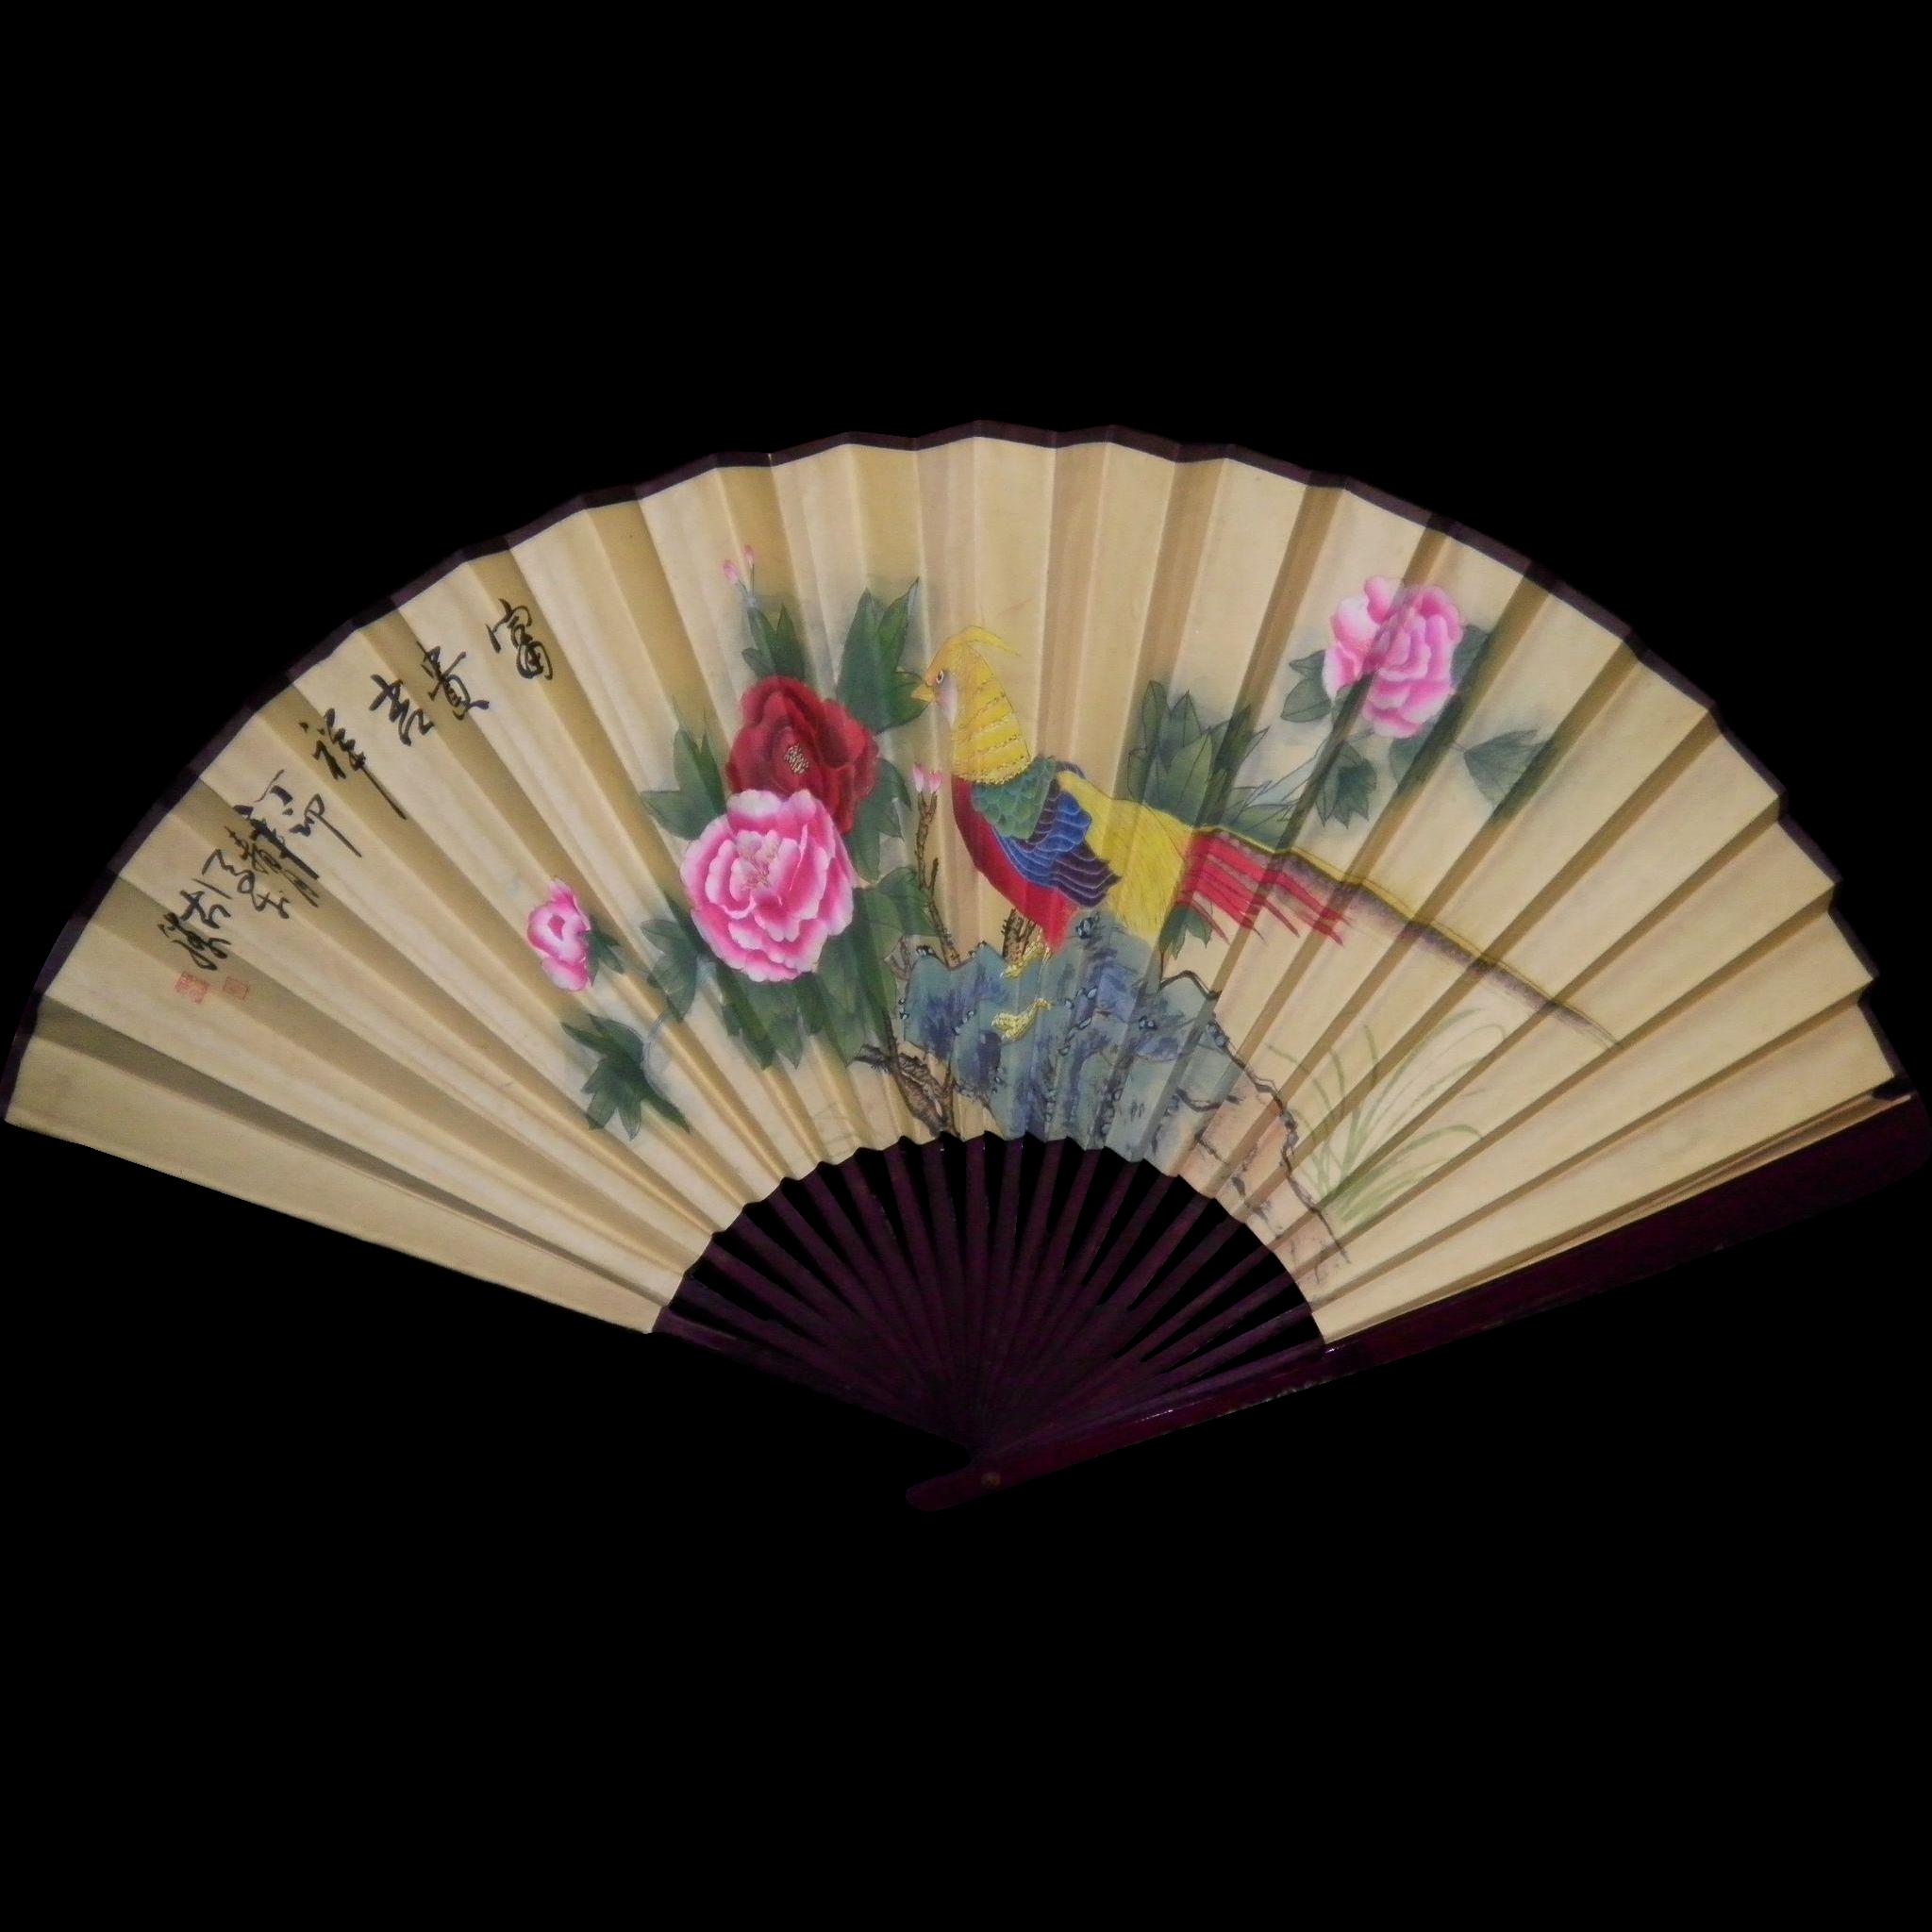 Vintage Asian / Oriental Wall Fan Decor